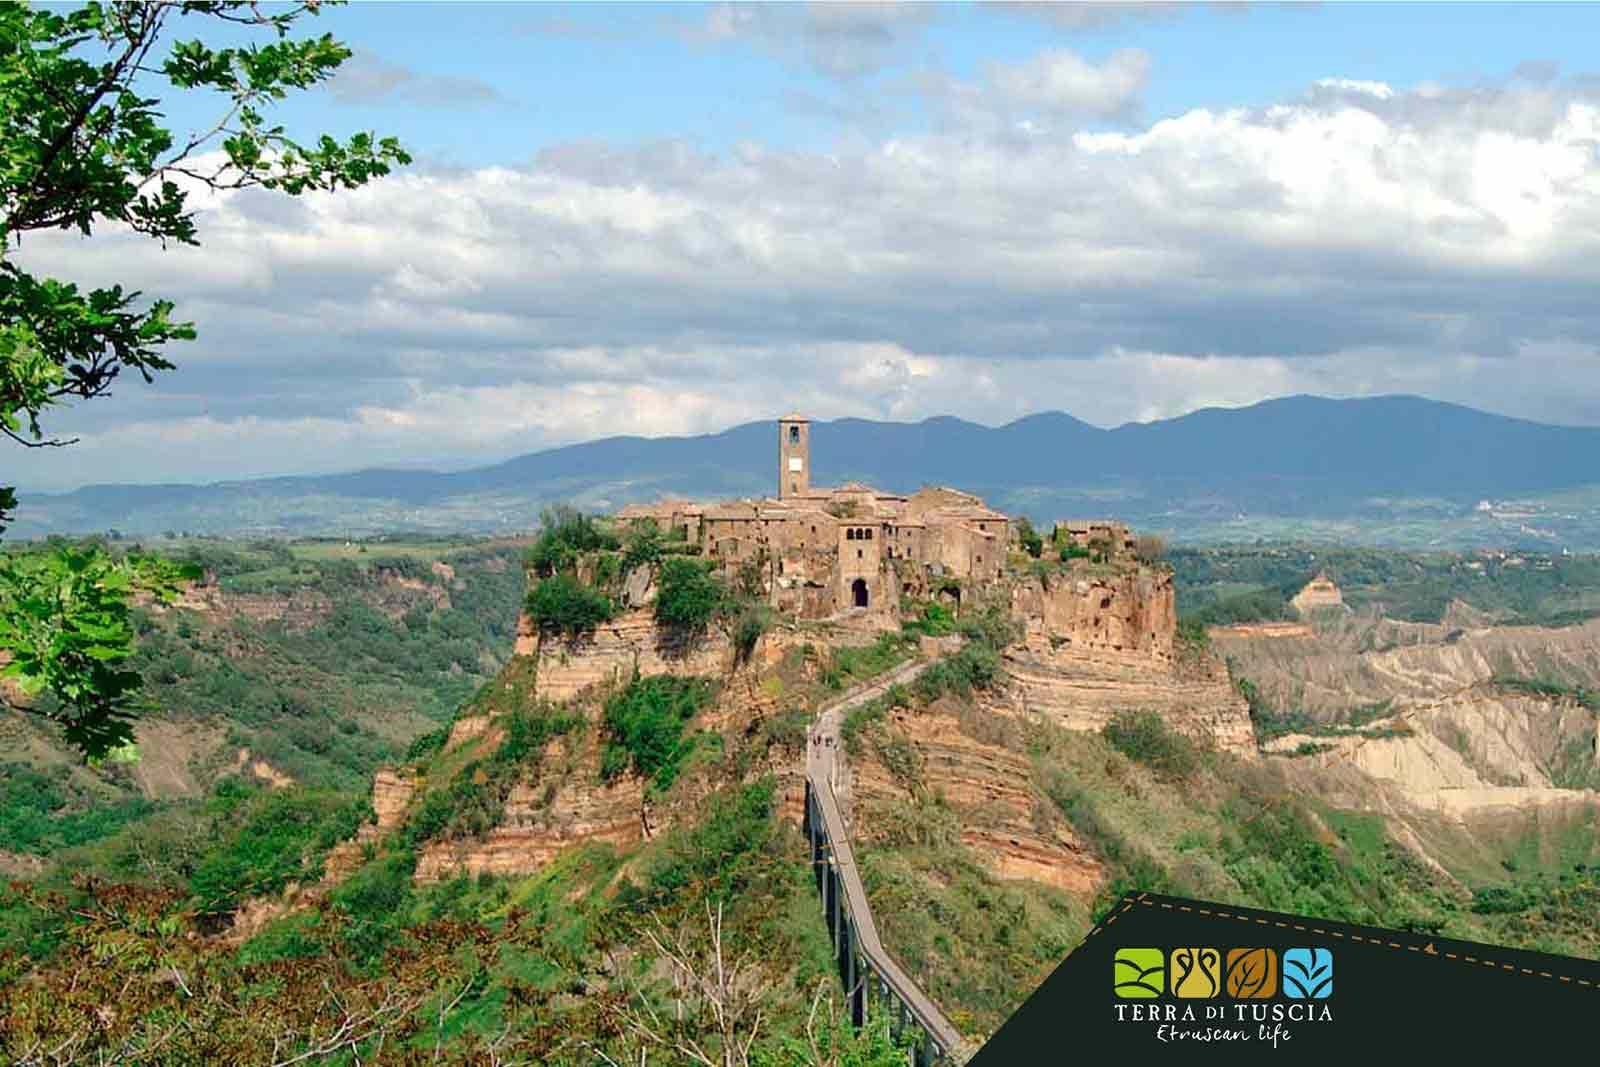 Immagini articoli sito etruscanlife 10 etruscan life tour for Immagini sito